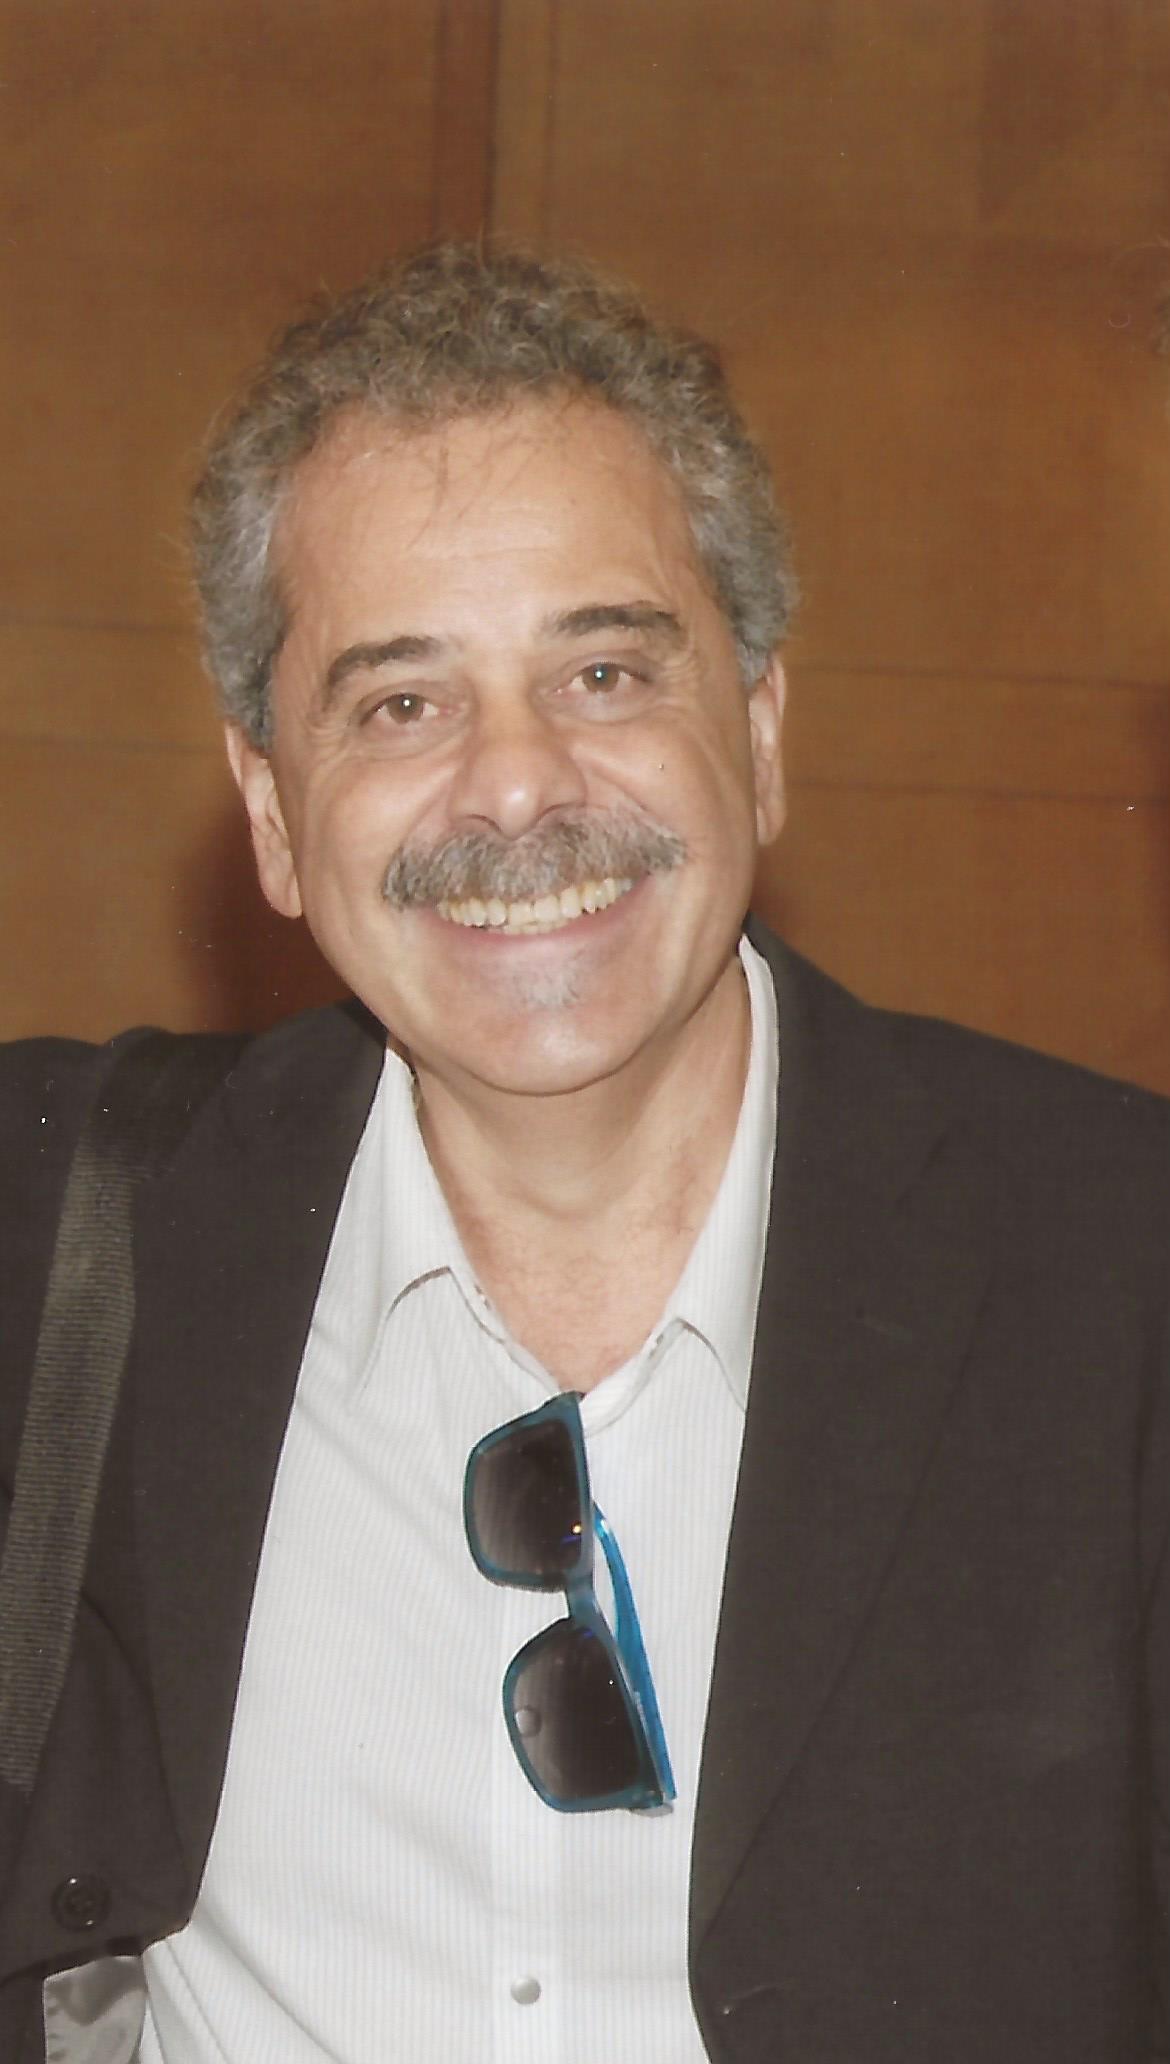 Dr. Osvaldo Desimone